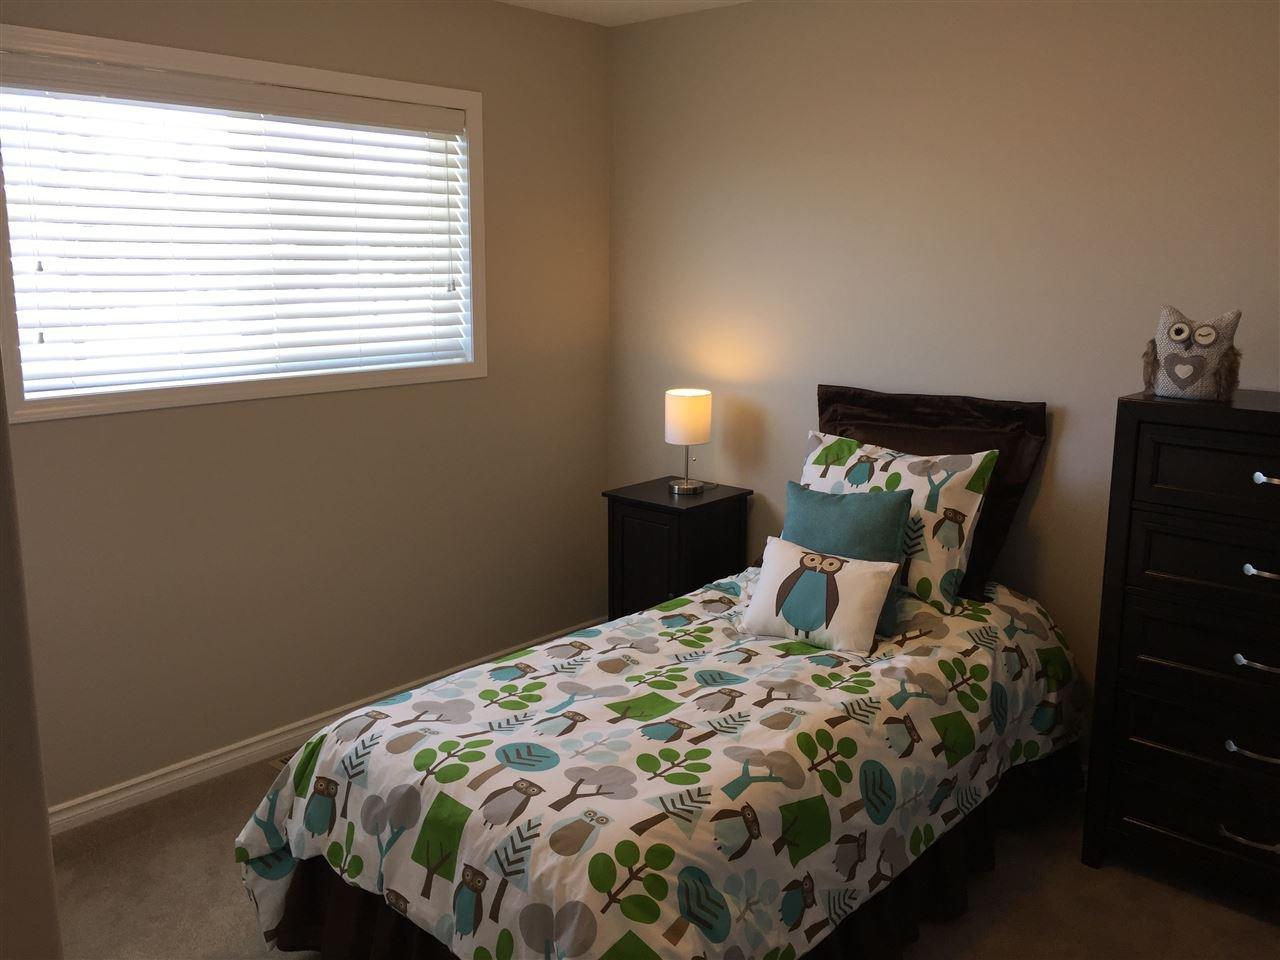 Photo 7: Photos: 11351 86A Street in Fort St. John: Fort St. John - City NE House for sale (Fort St. John (Zone 60))  : MLS®# R2147006